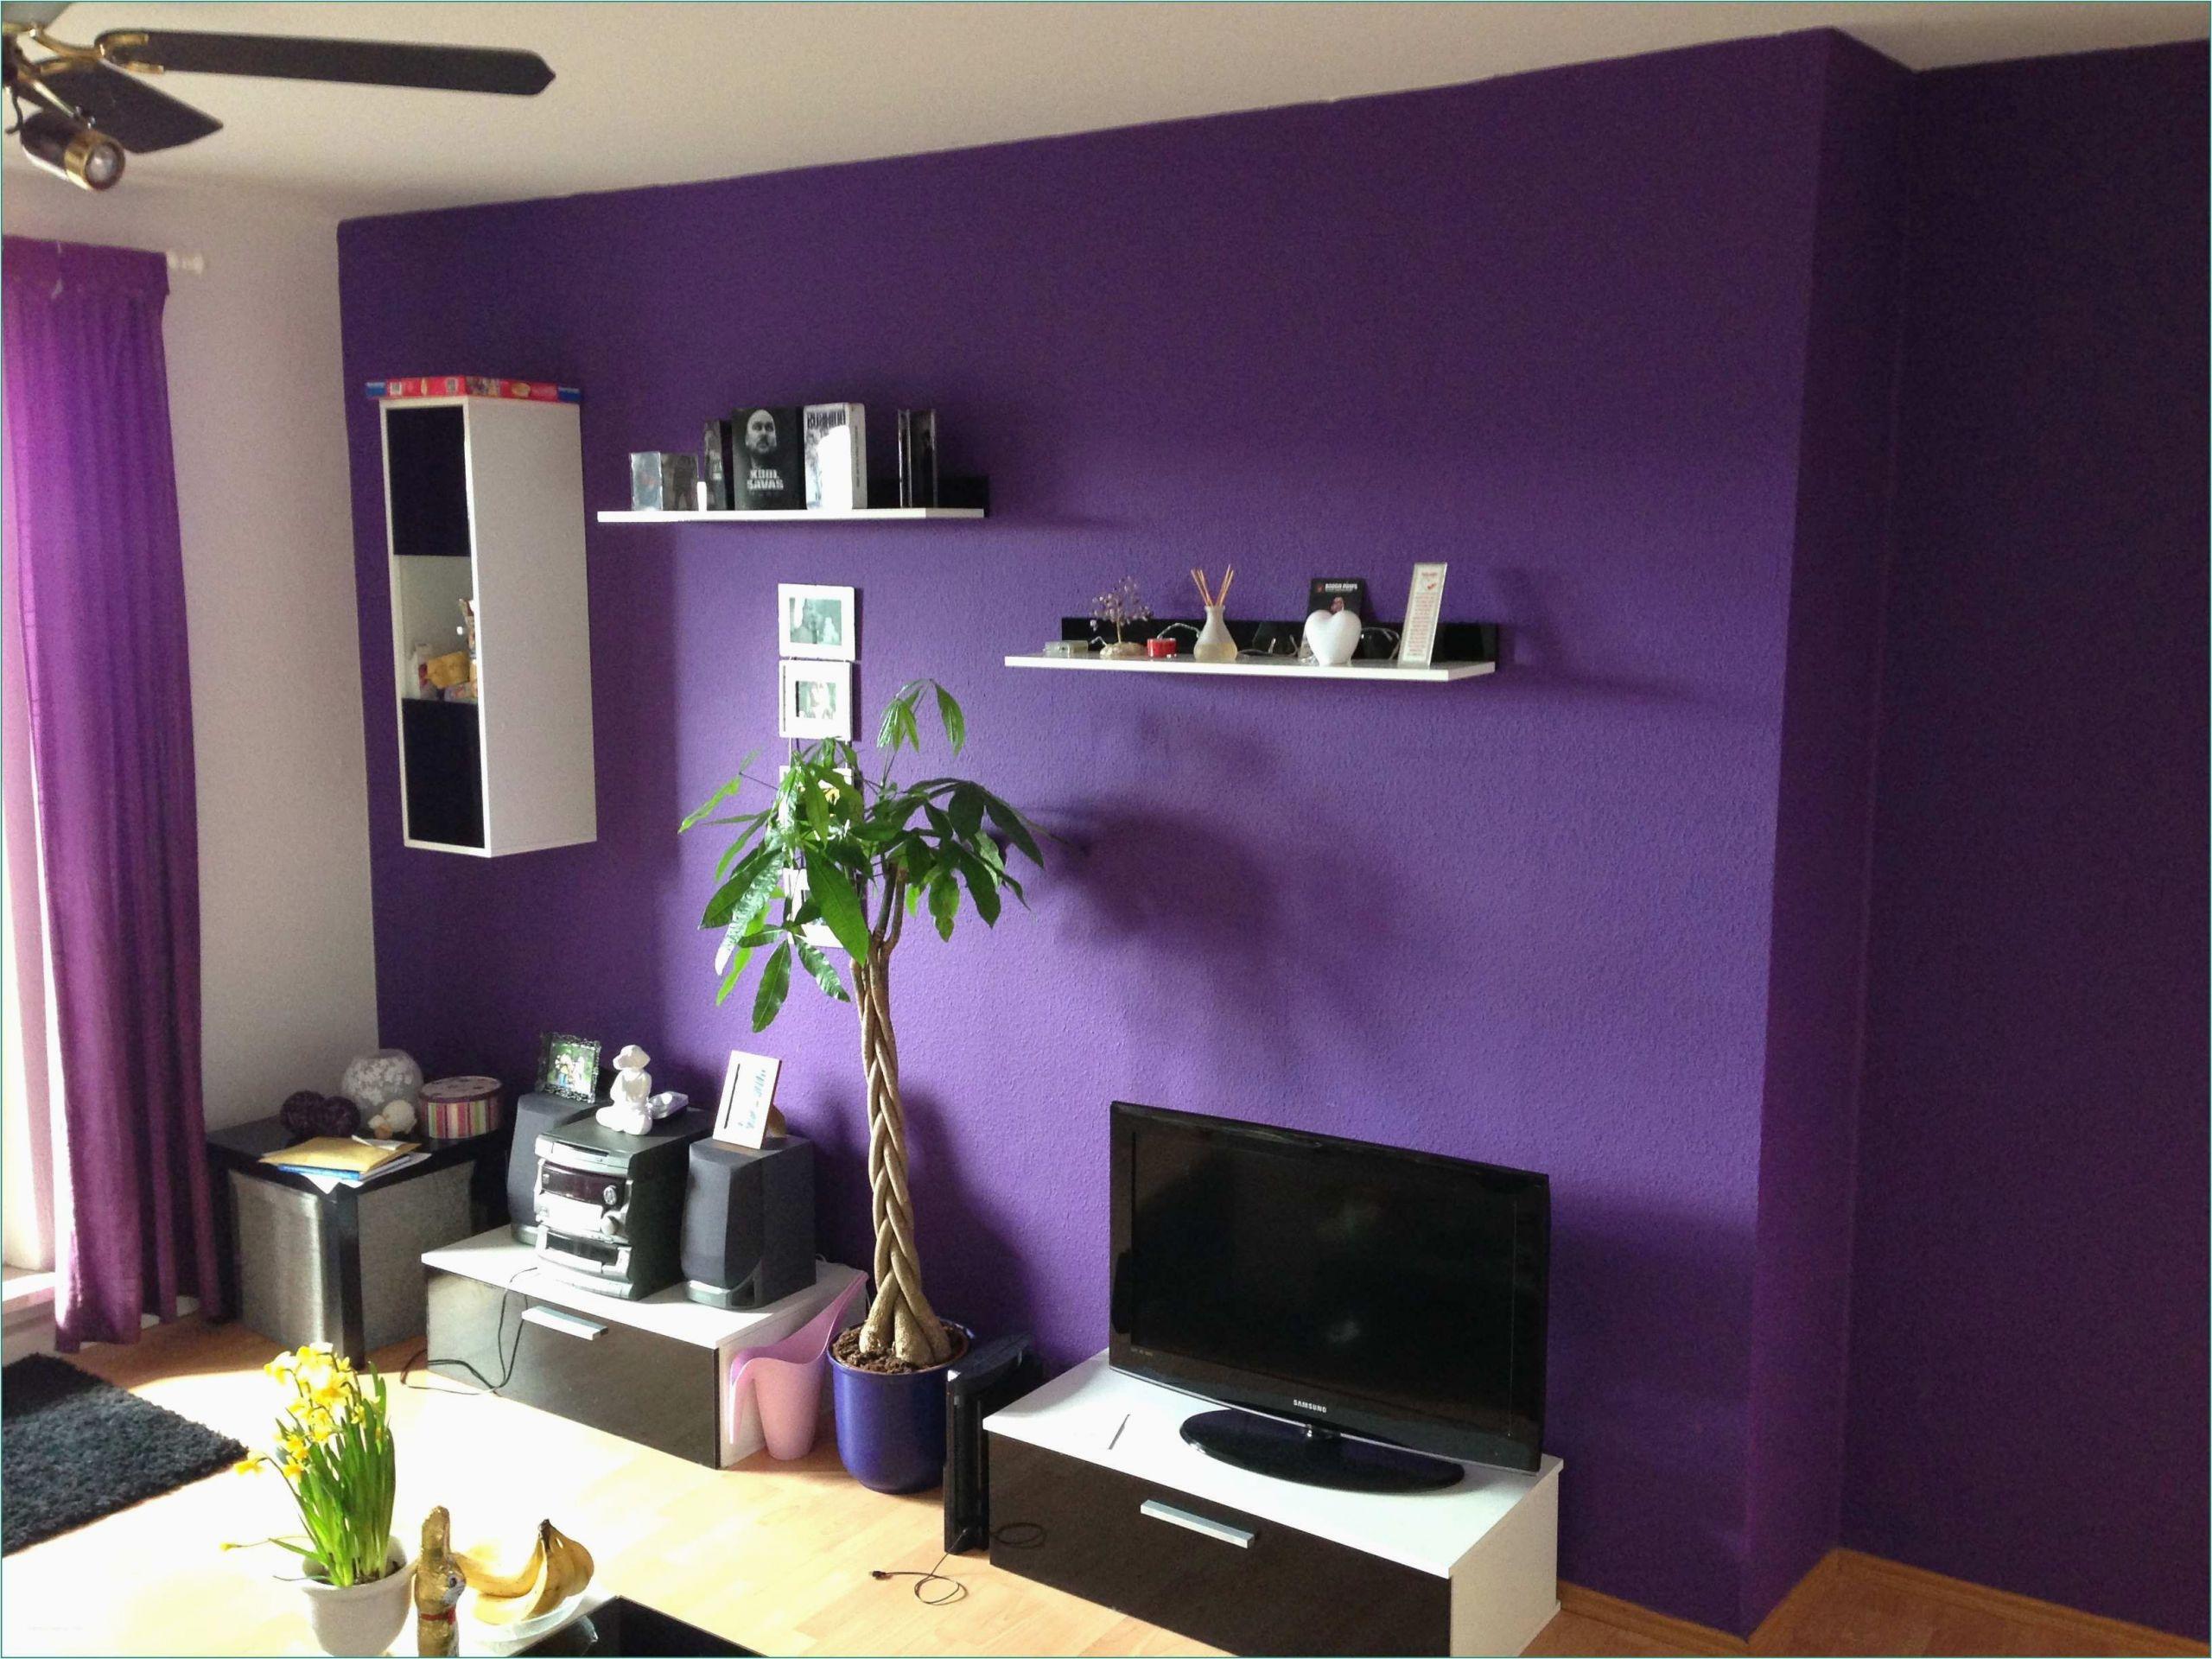 wand muster ideen mit maler ideen wohnzimmer und wand streichen welche farbe oder 50 und maler ideen wohnzimmer und wand streichen welche farbe oder muster kunst of maler ideen wohnzimmer mit wand mus